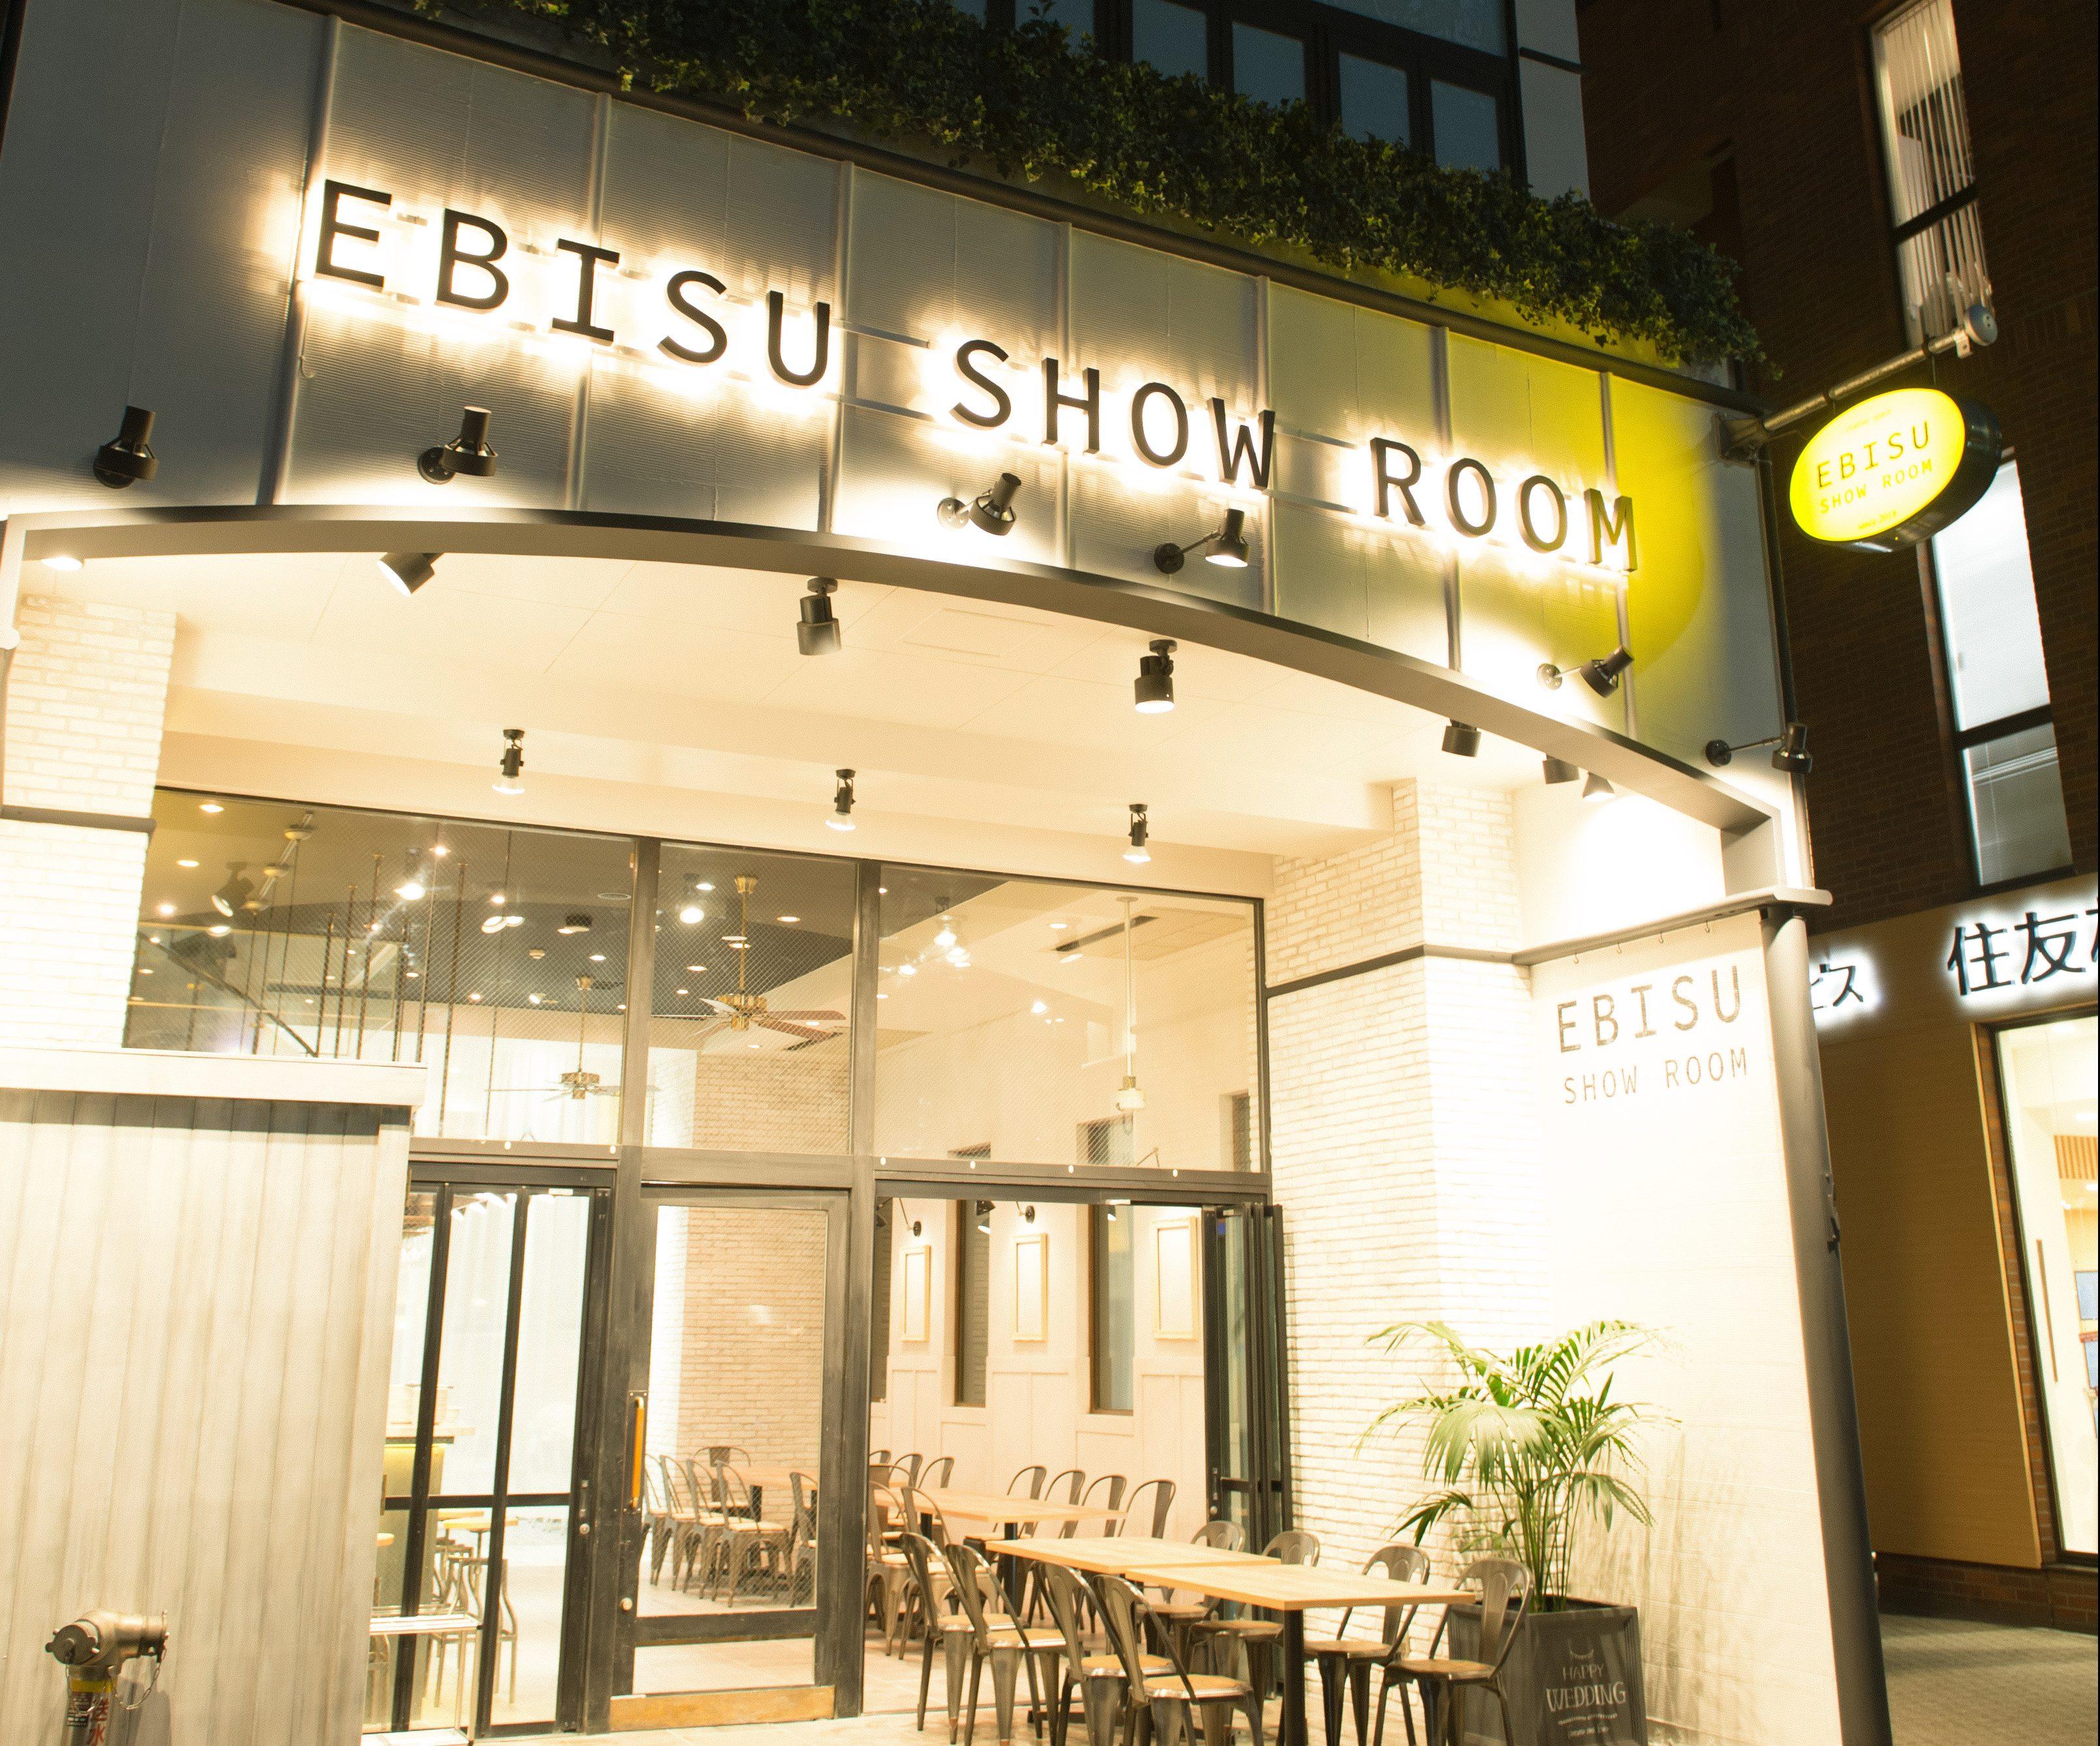 【ご利用事例】★婚活パーティーの準備★@EBISU SHOW ROOM|TIME SHARING|タイムシェアリング|スペースマネジメント|あどばる|adval|SHARING